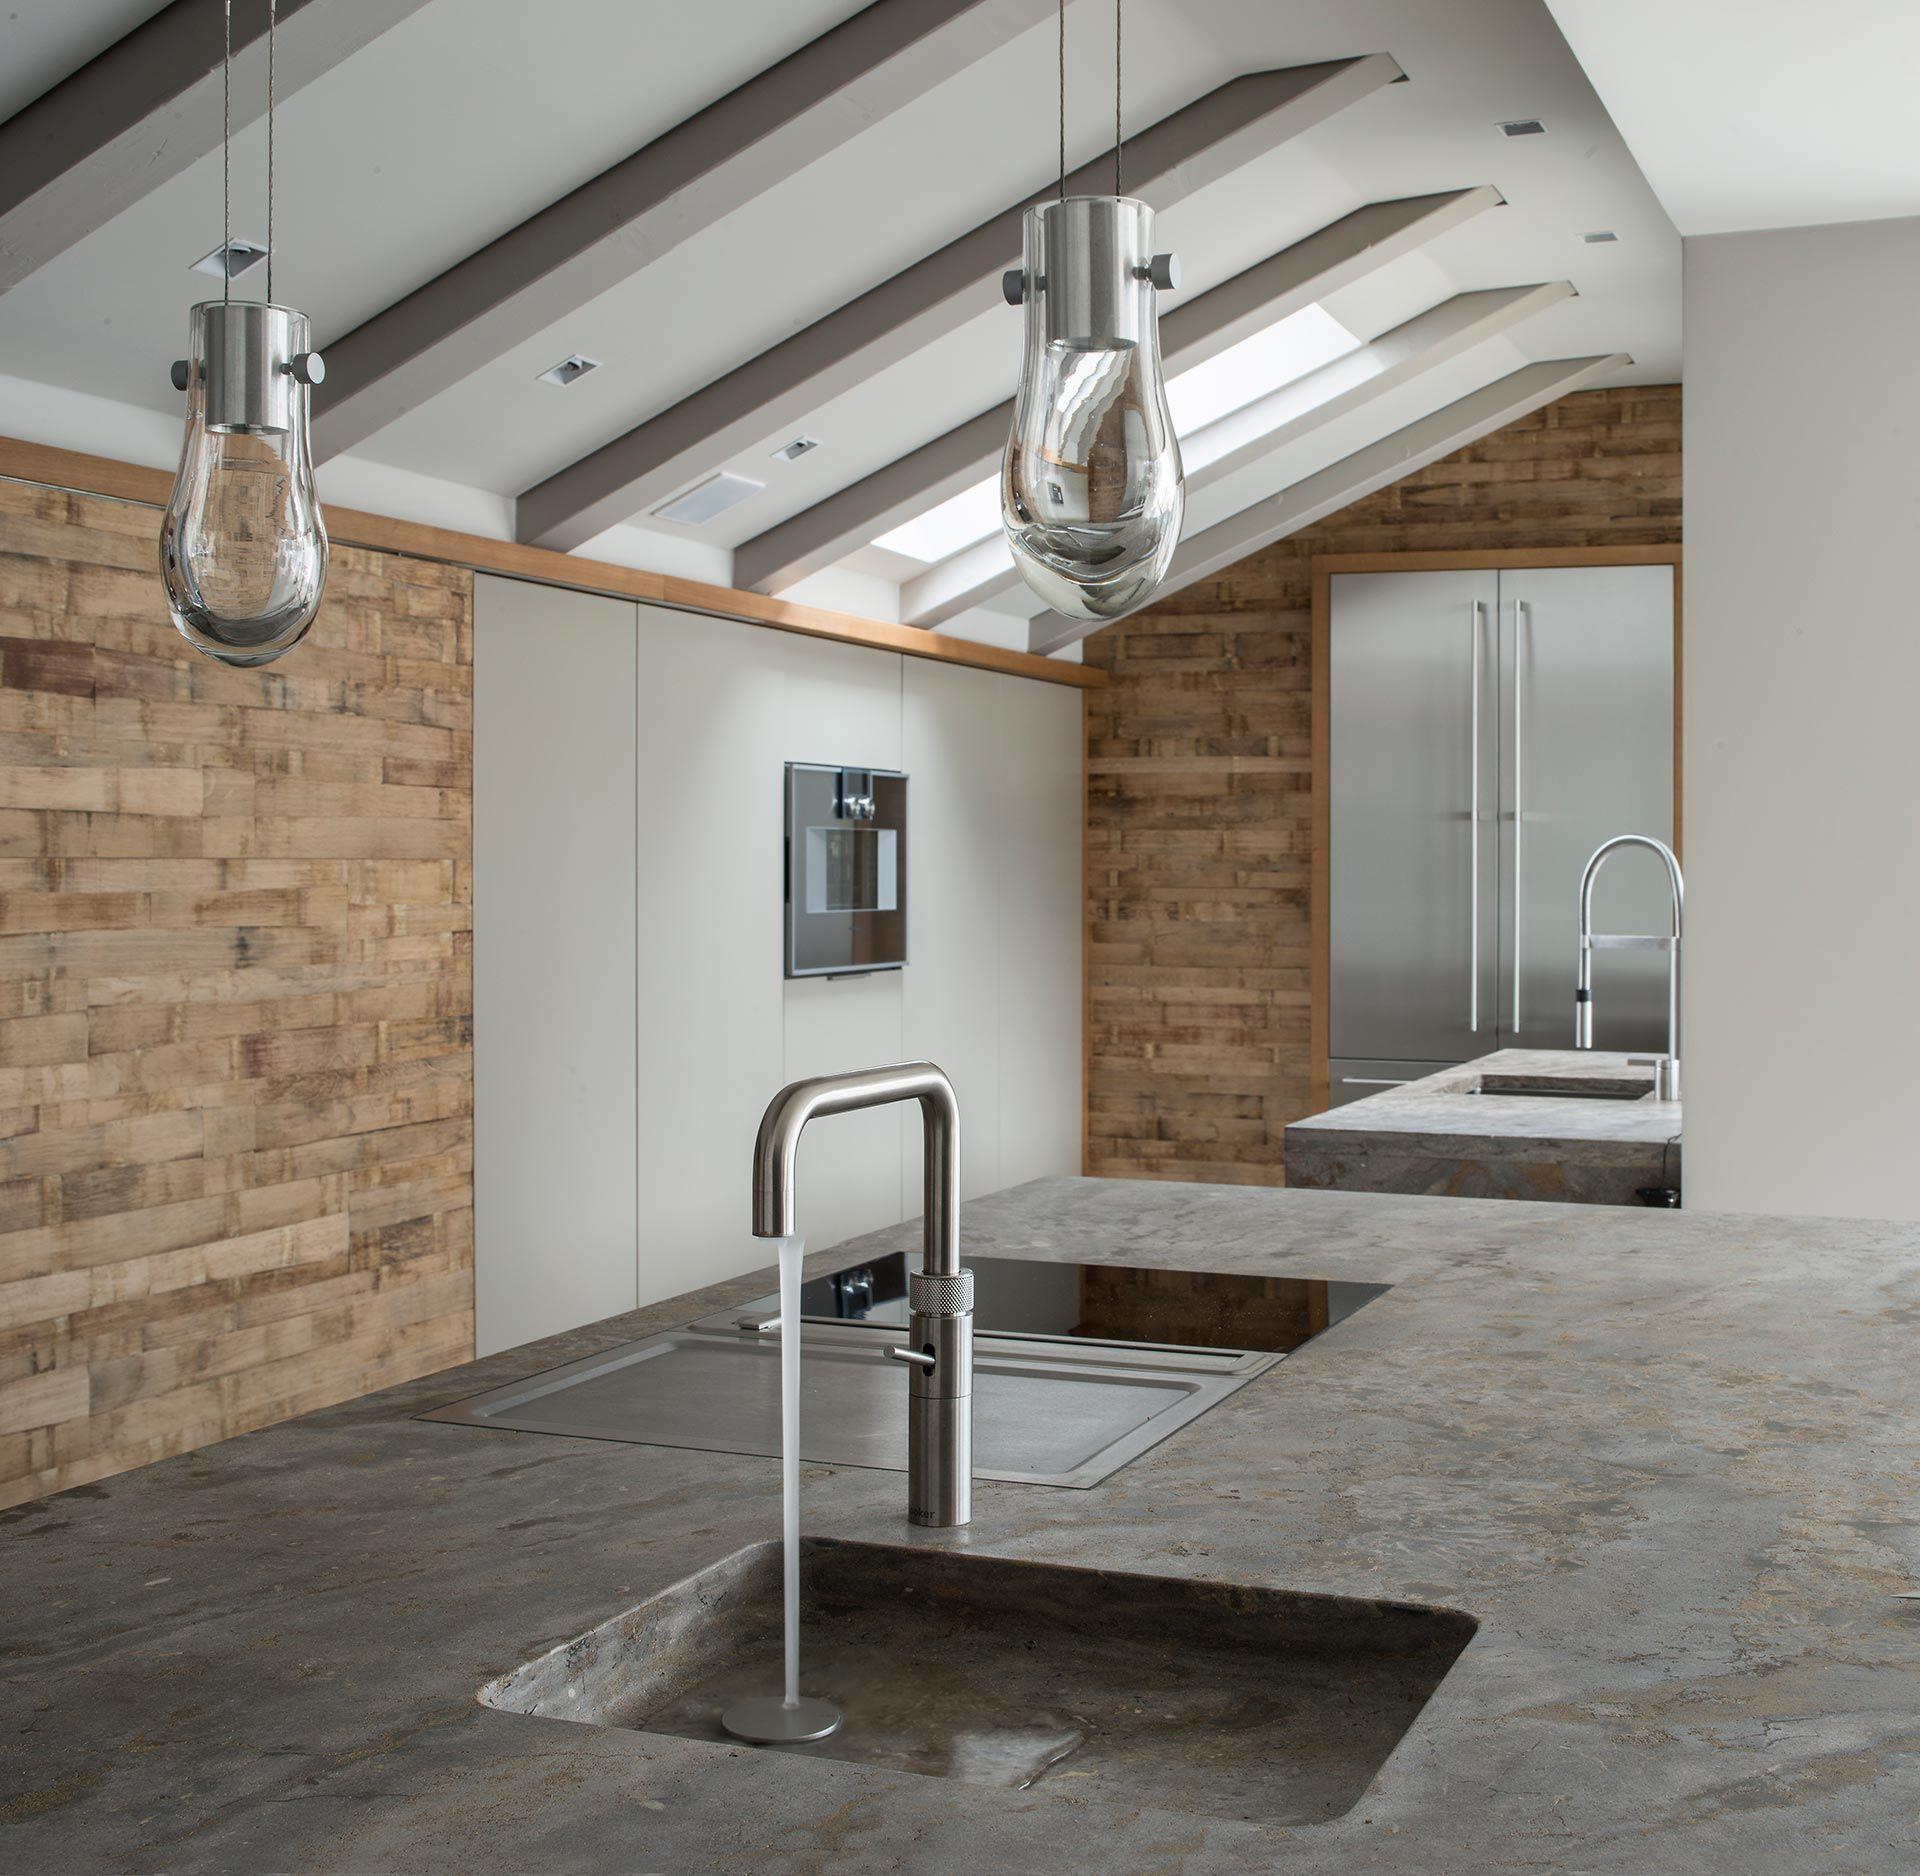 stahl bulthaup küchen - Google Search | İnterior Architect ...